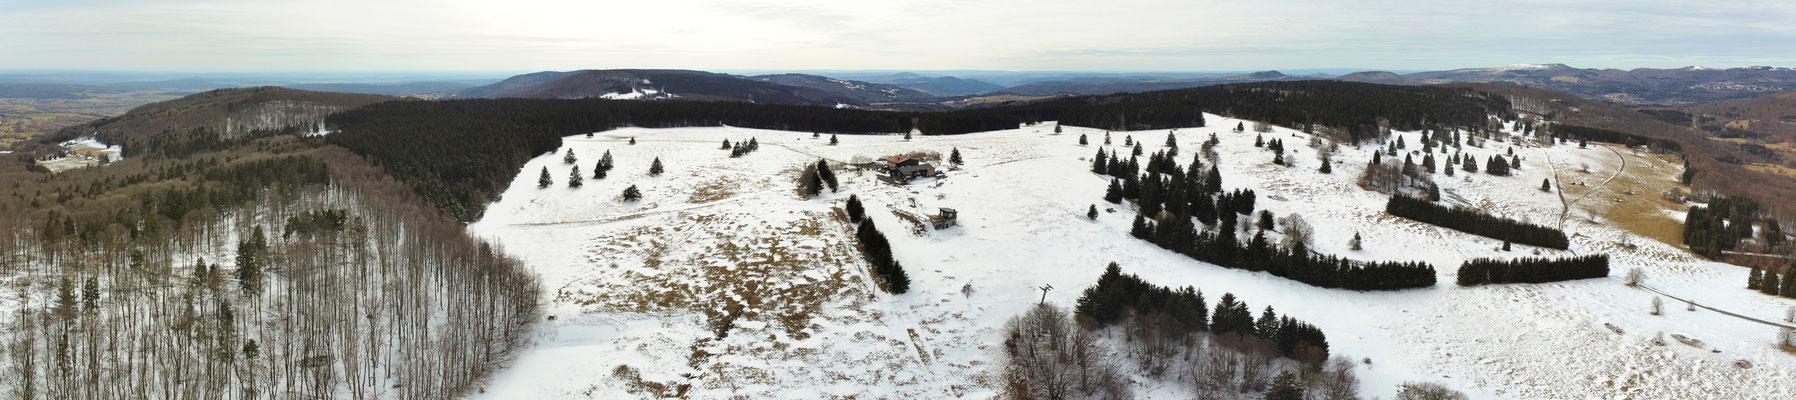 Panorama - Drohnenfoto - Landschaft - Winter - Schnee - Rhön